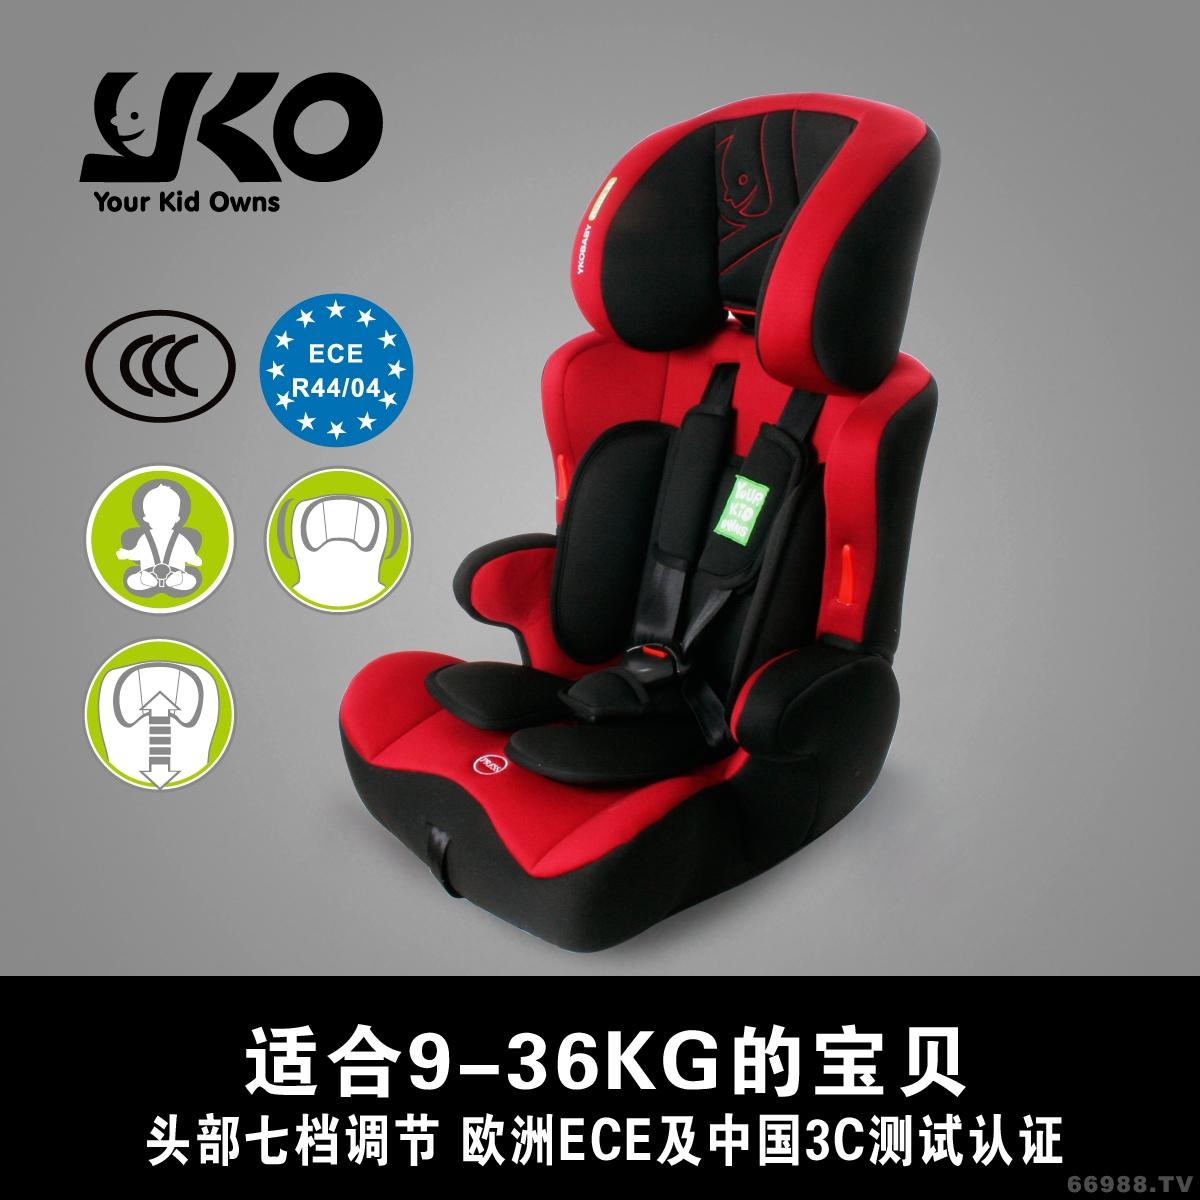 艺高YKO汽车儿童安全座椅 933